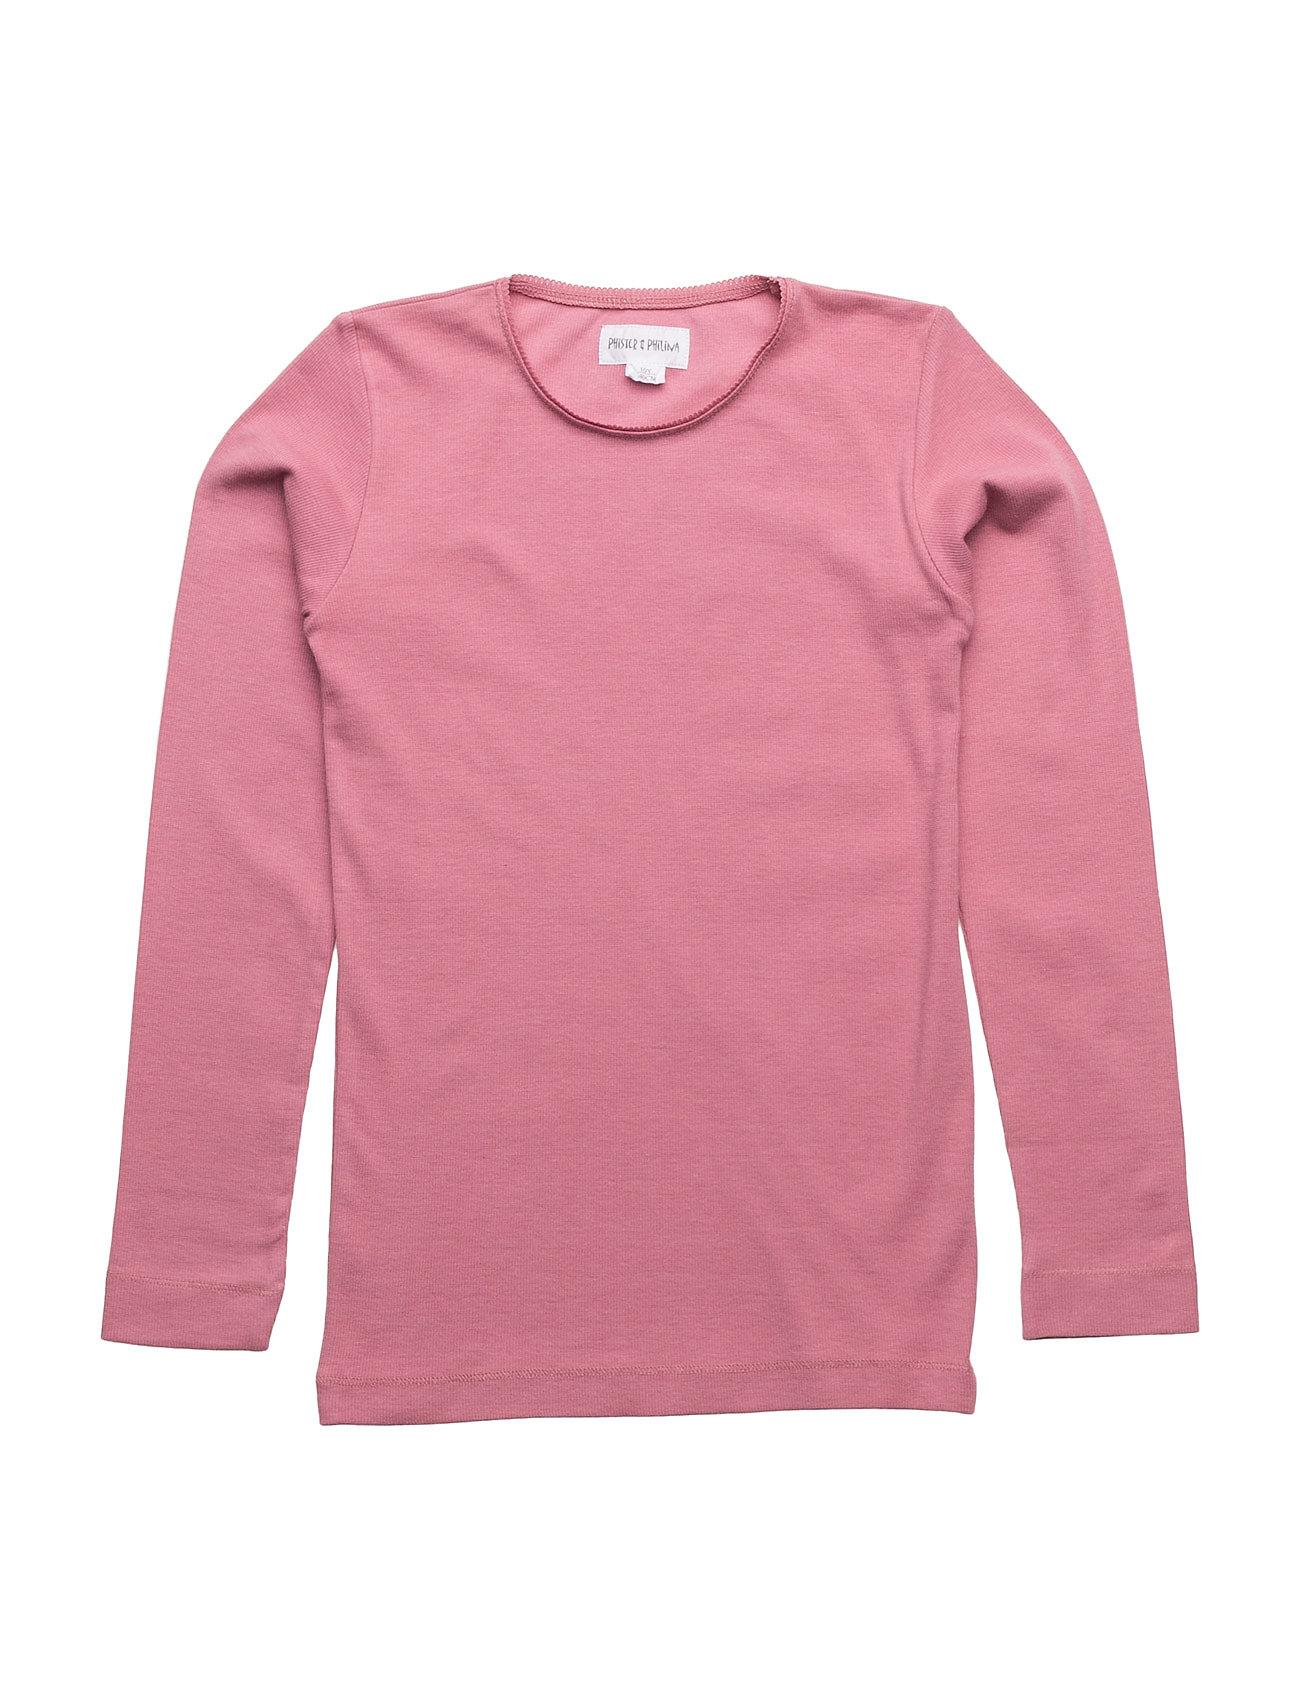 Lilian Base Top Phister & Philina Langærmede t-shirts til Børn i